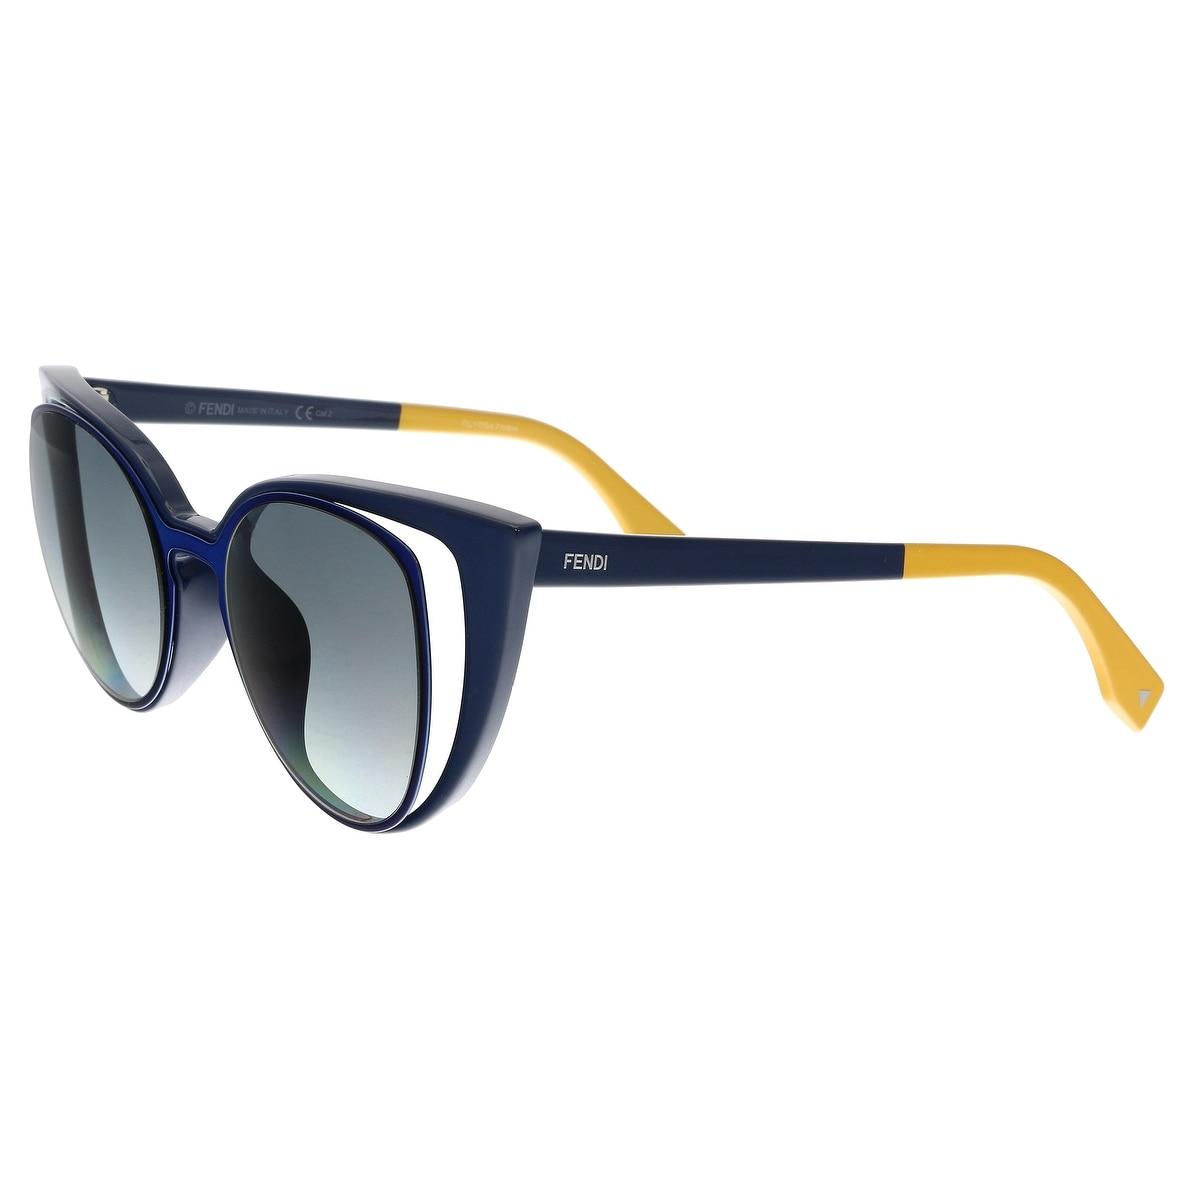 bd0f77853ba64 Plastic Fendi Sunglasses